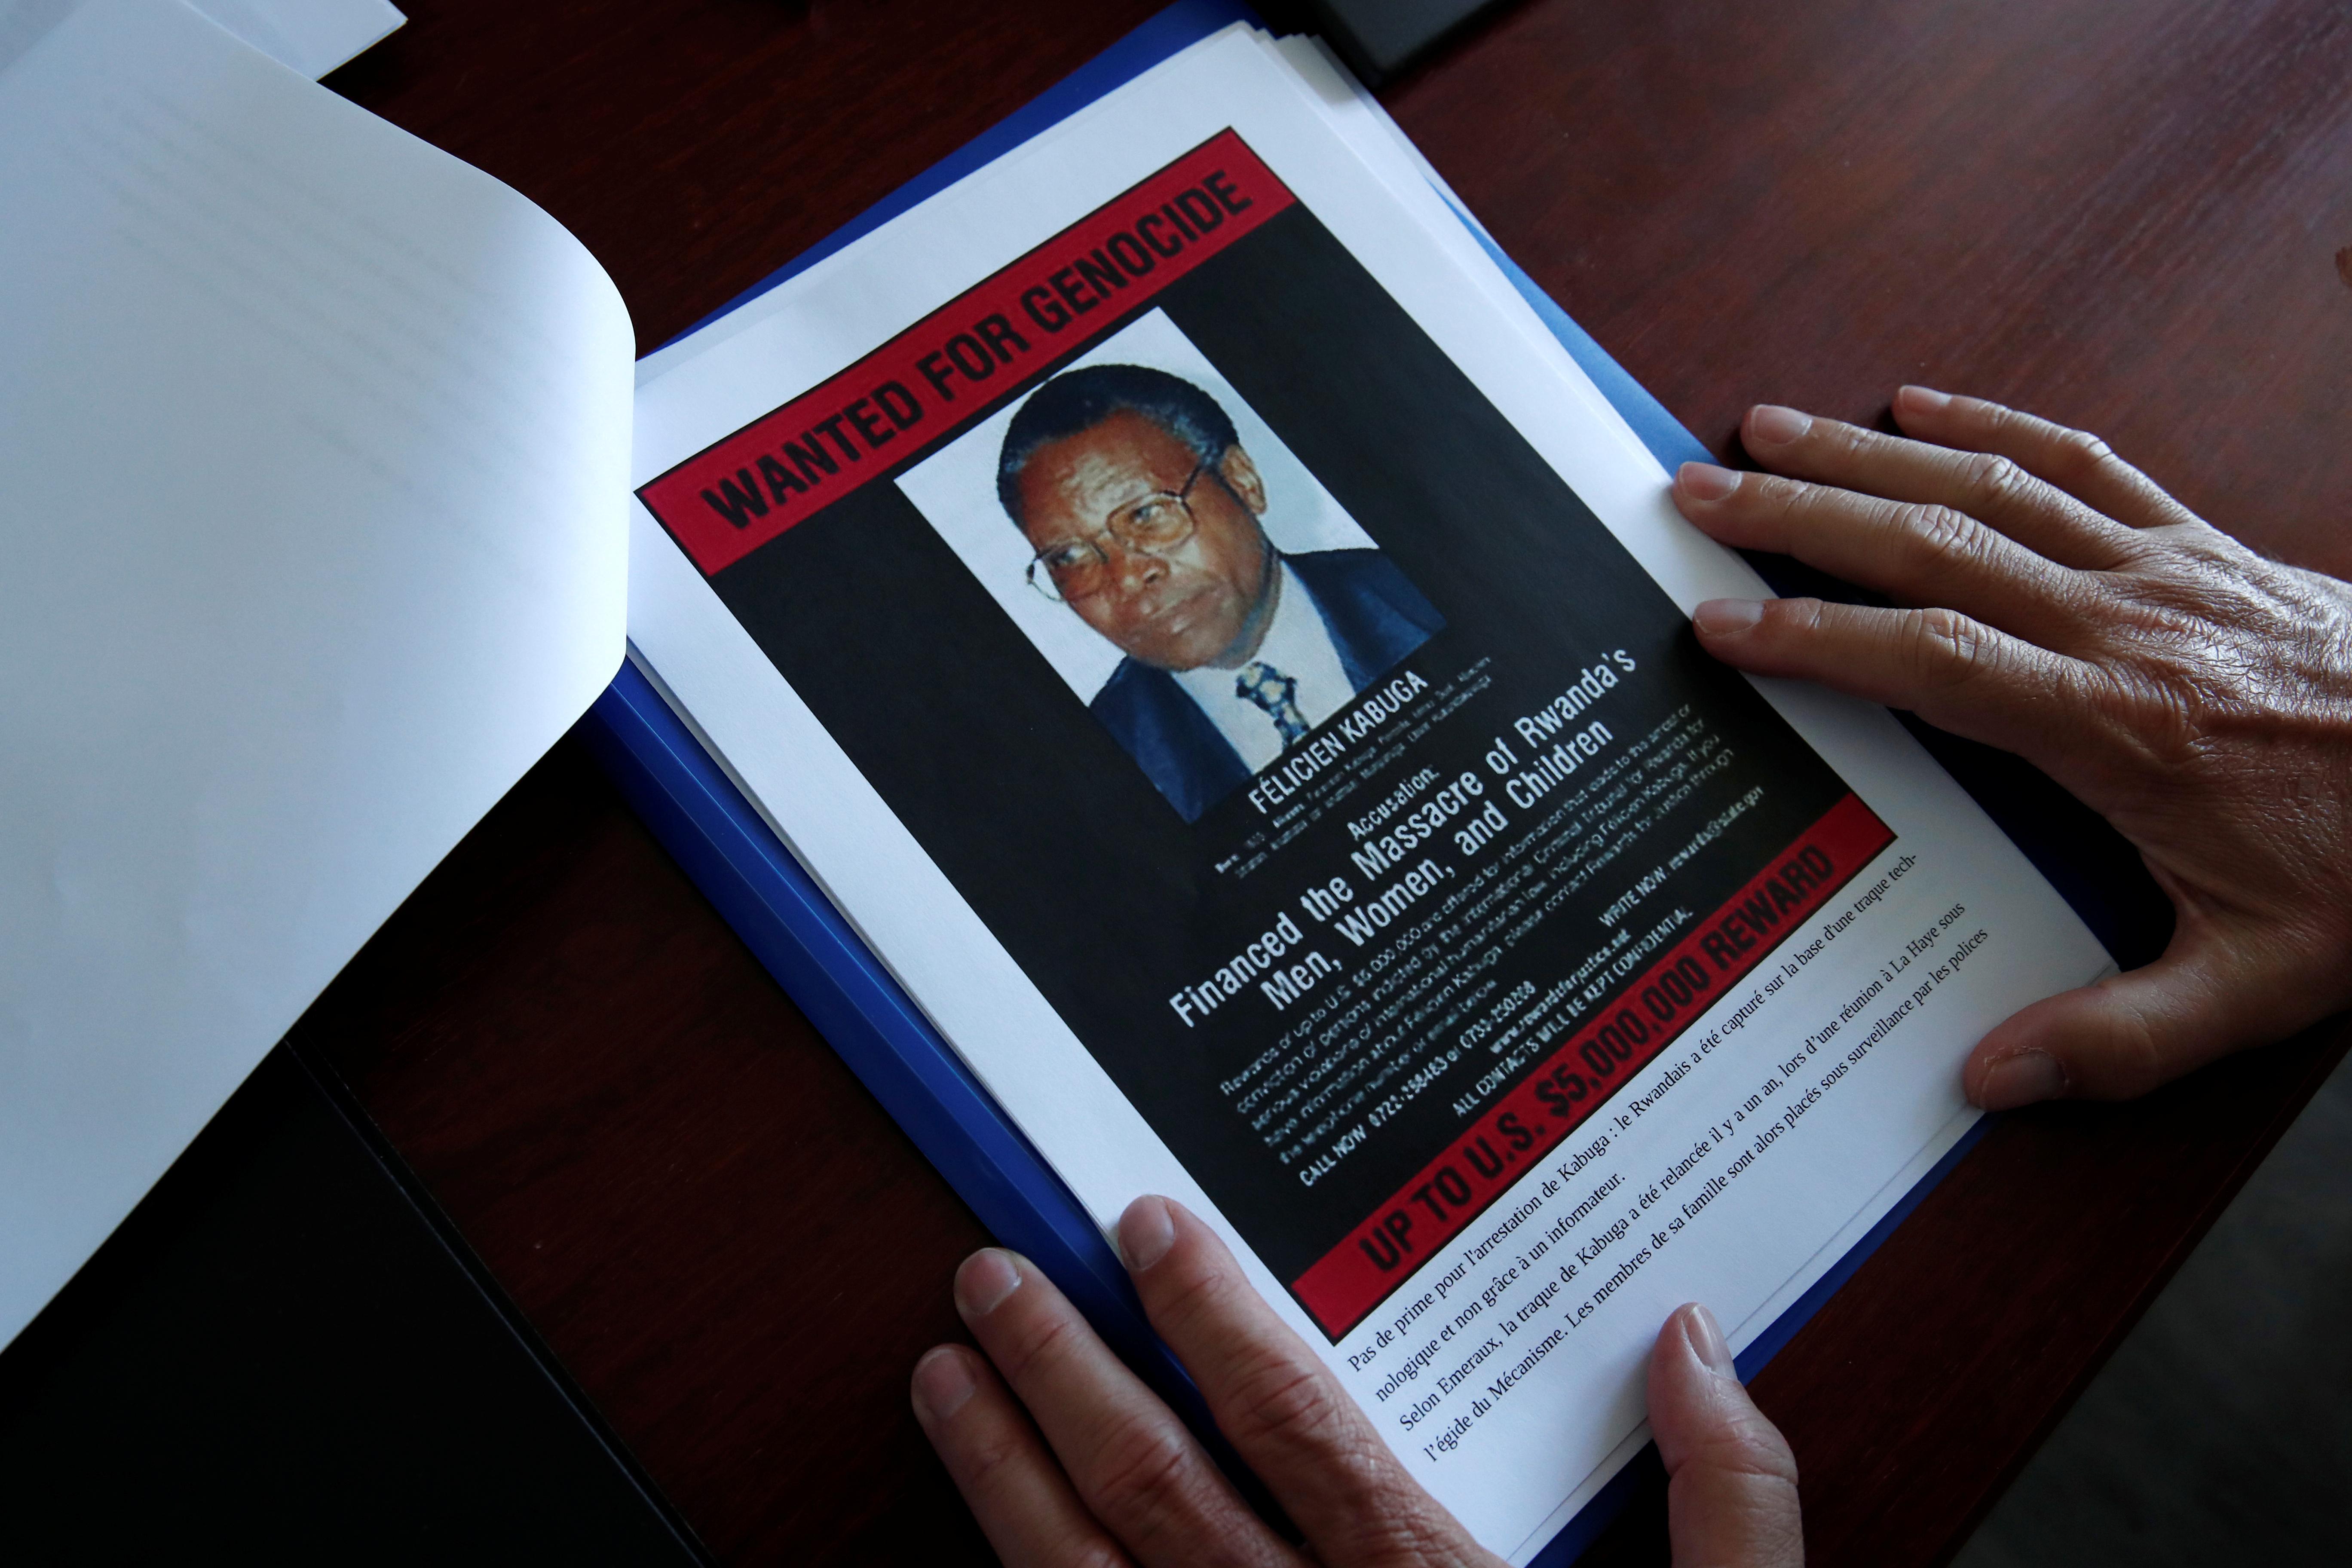 Le dossier sur Félicien Kabuga, entre les mains d'un enquêteur de l'Office central de lutte contre les crimes contre l'humanité, les génocides et les crimes de guerre (OCLCH), à Paris, le 19 mai 2020.